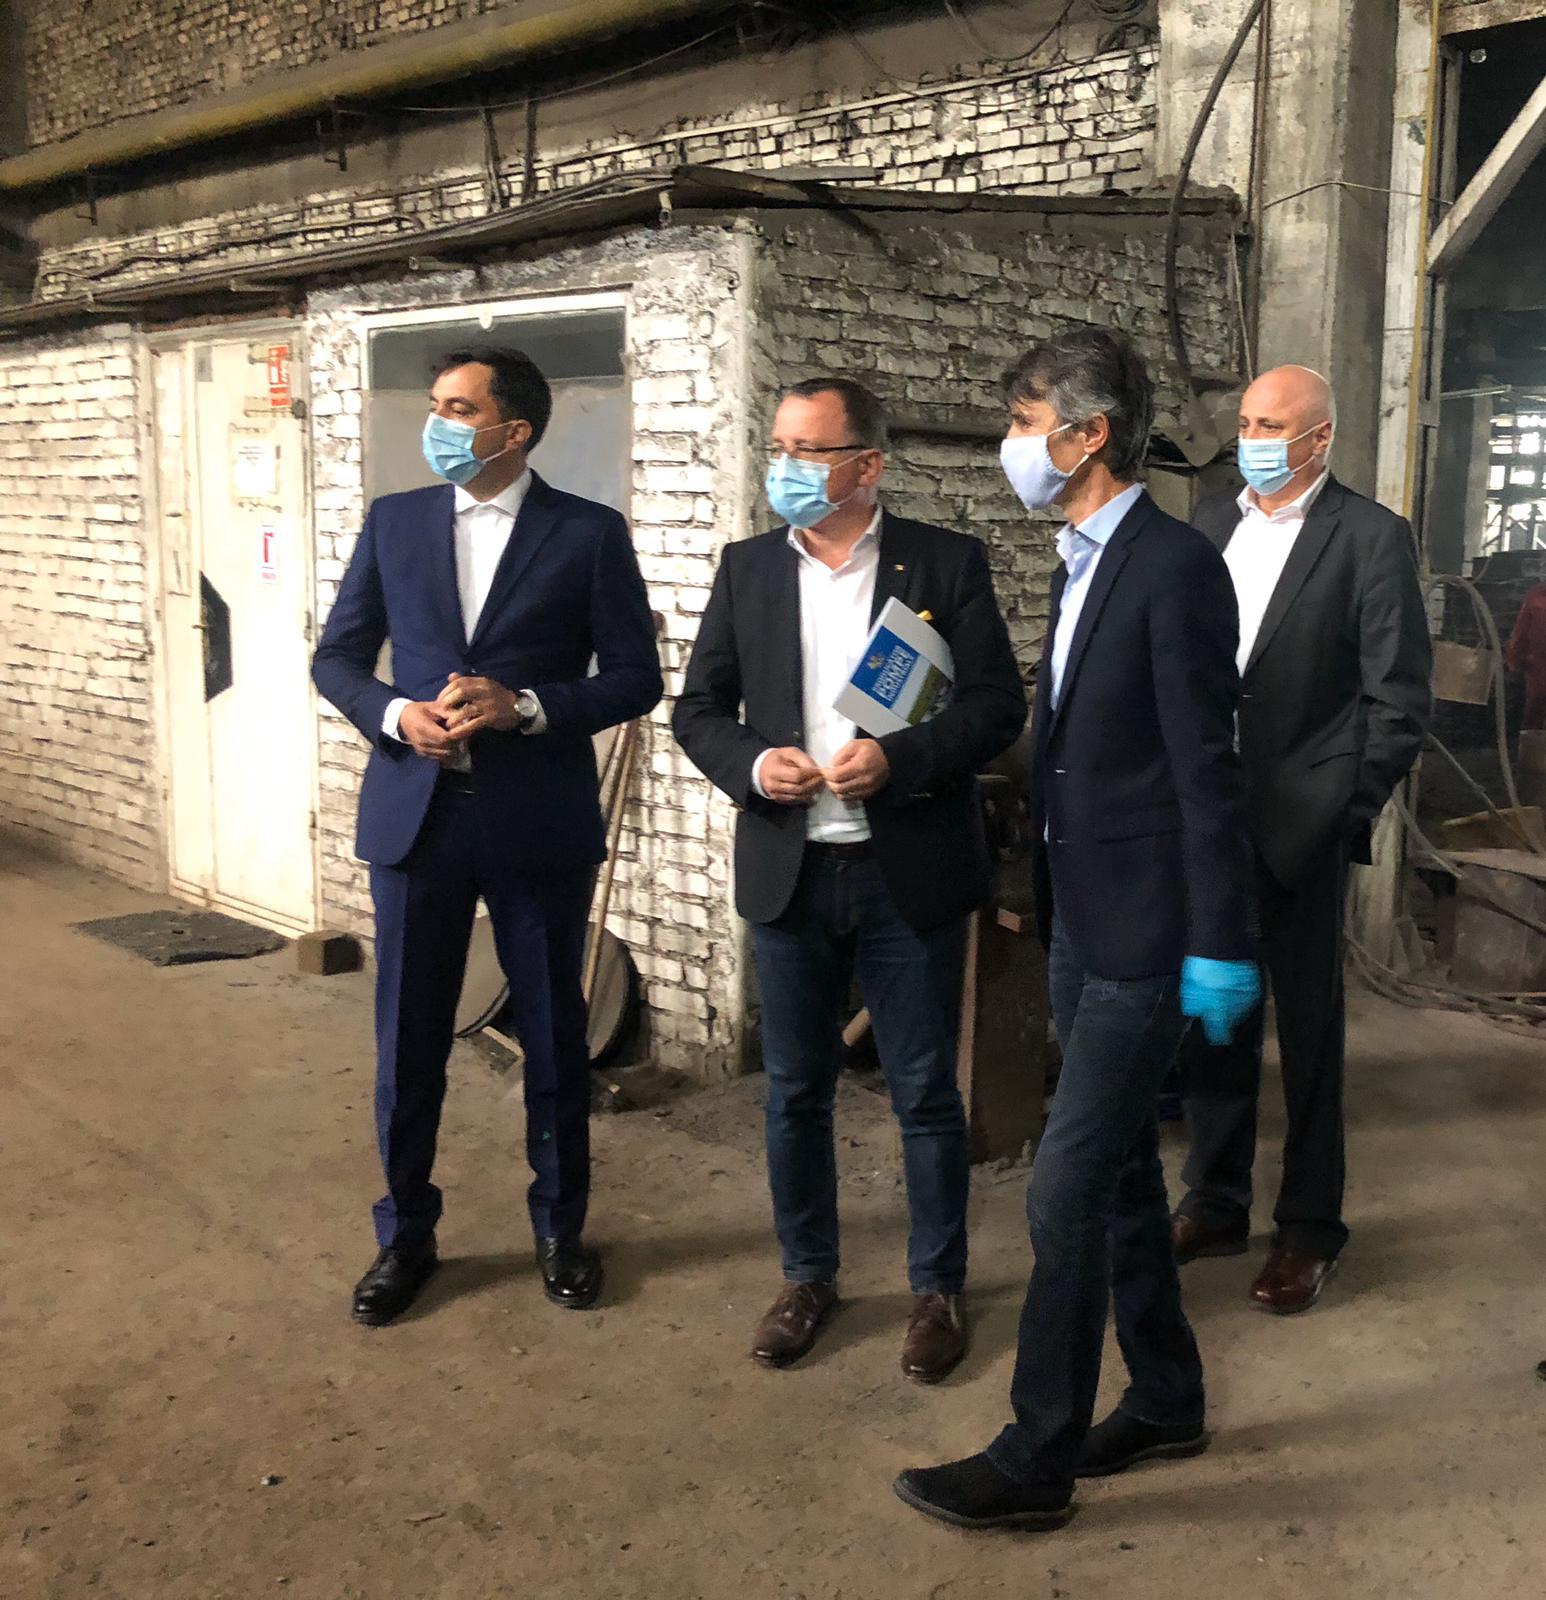 FOTO/ Vizită MINISTERIALĂ la Compania Mecanex SA Botoșani, singurul producător de pompe pentru irigații din România